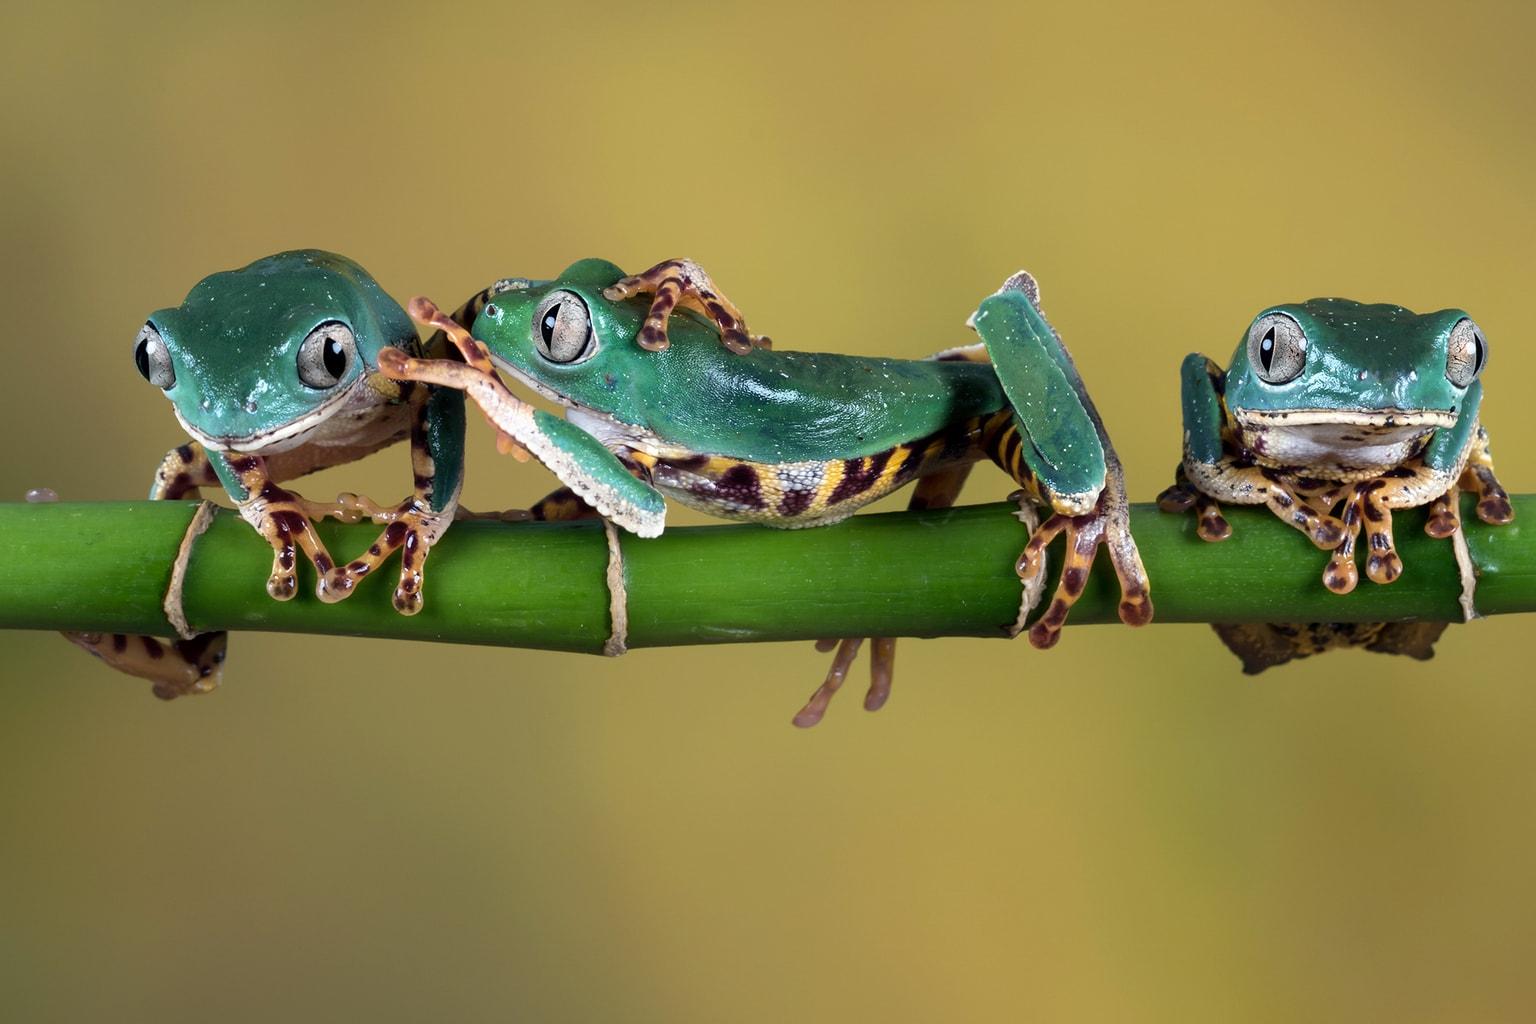 fotografía de tres ranas